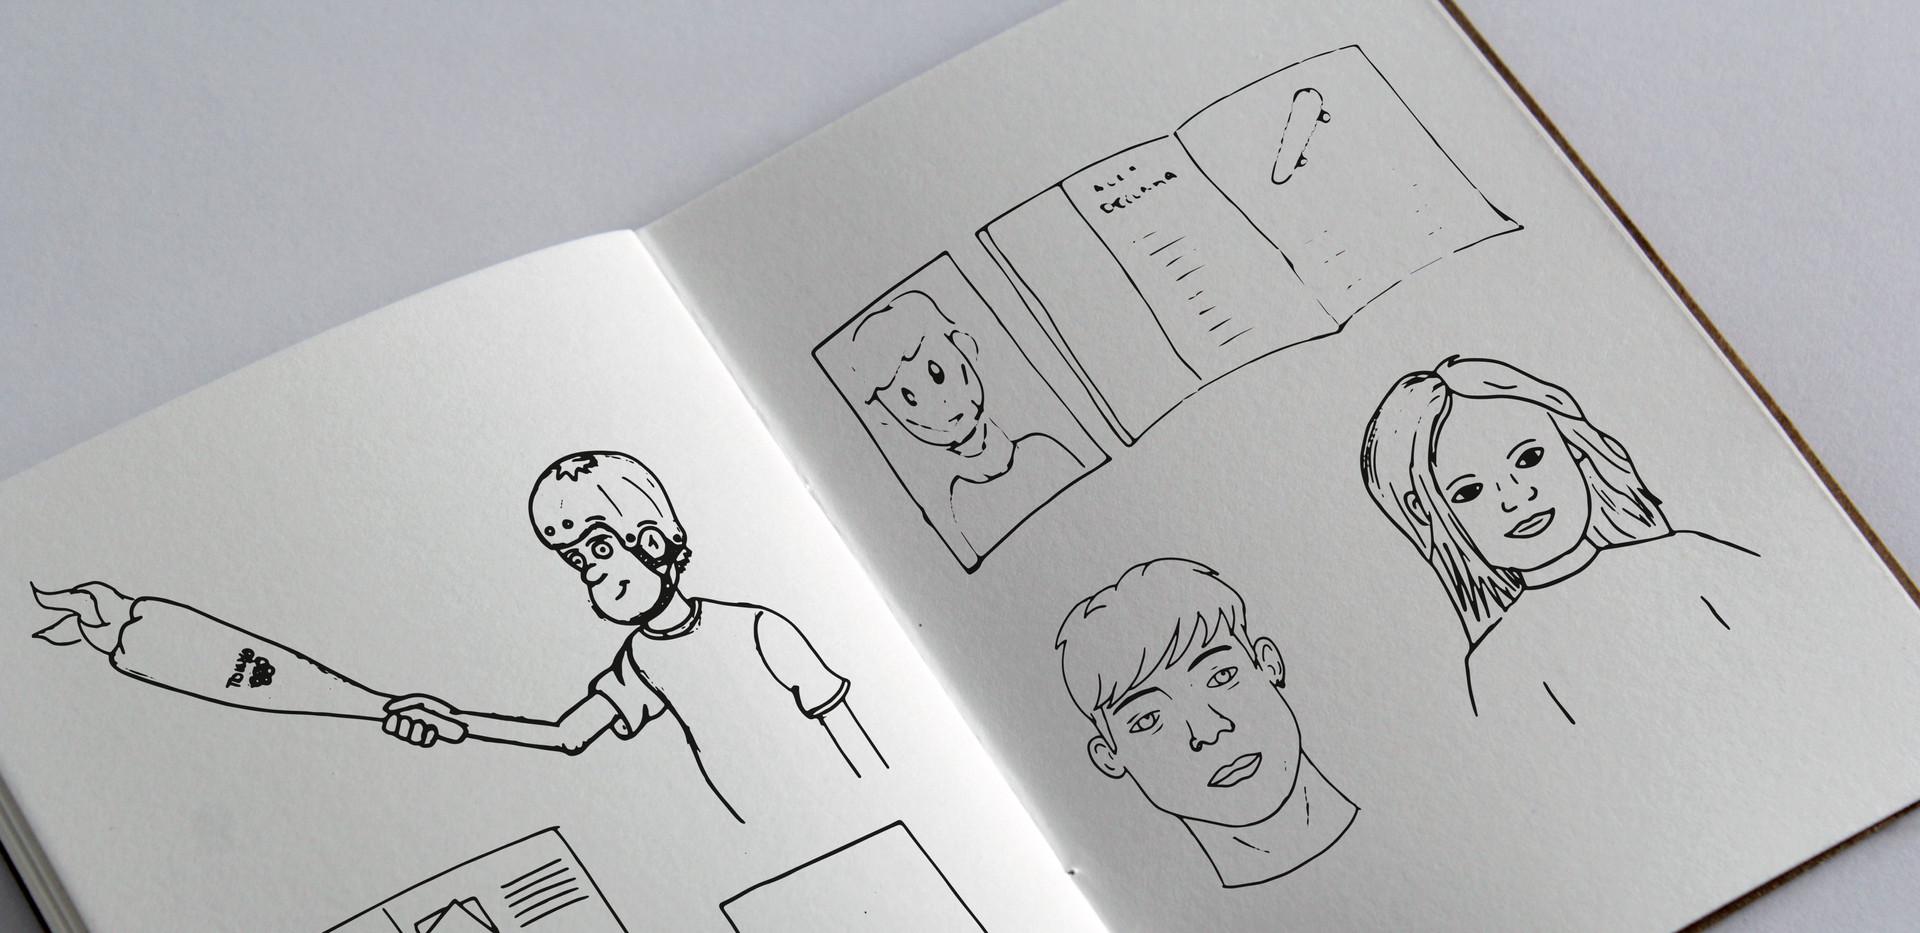 Magazine sketch.jpg